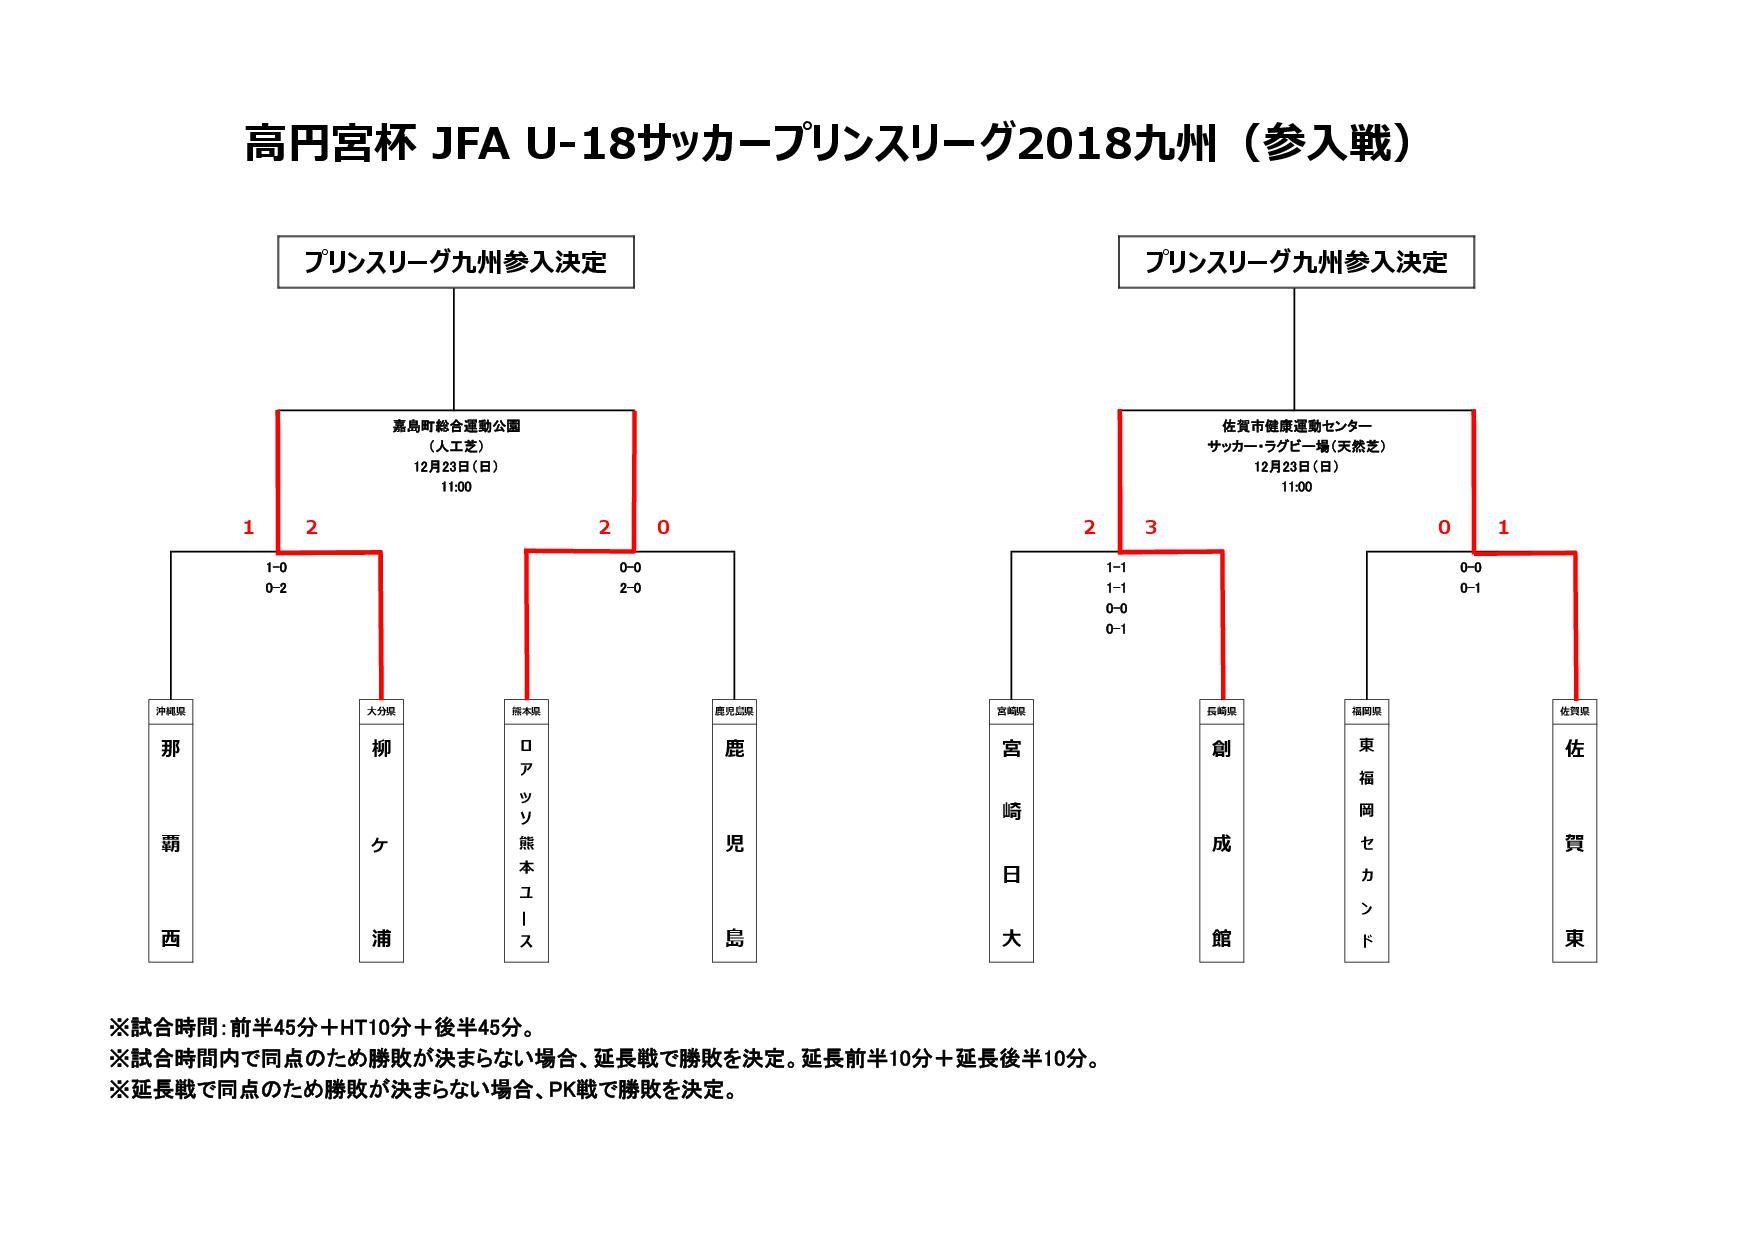 高円宮杯 JFA U-18サッカープリンスリーグ2019九州(参入戦)